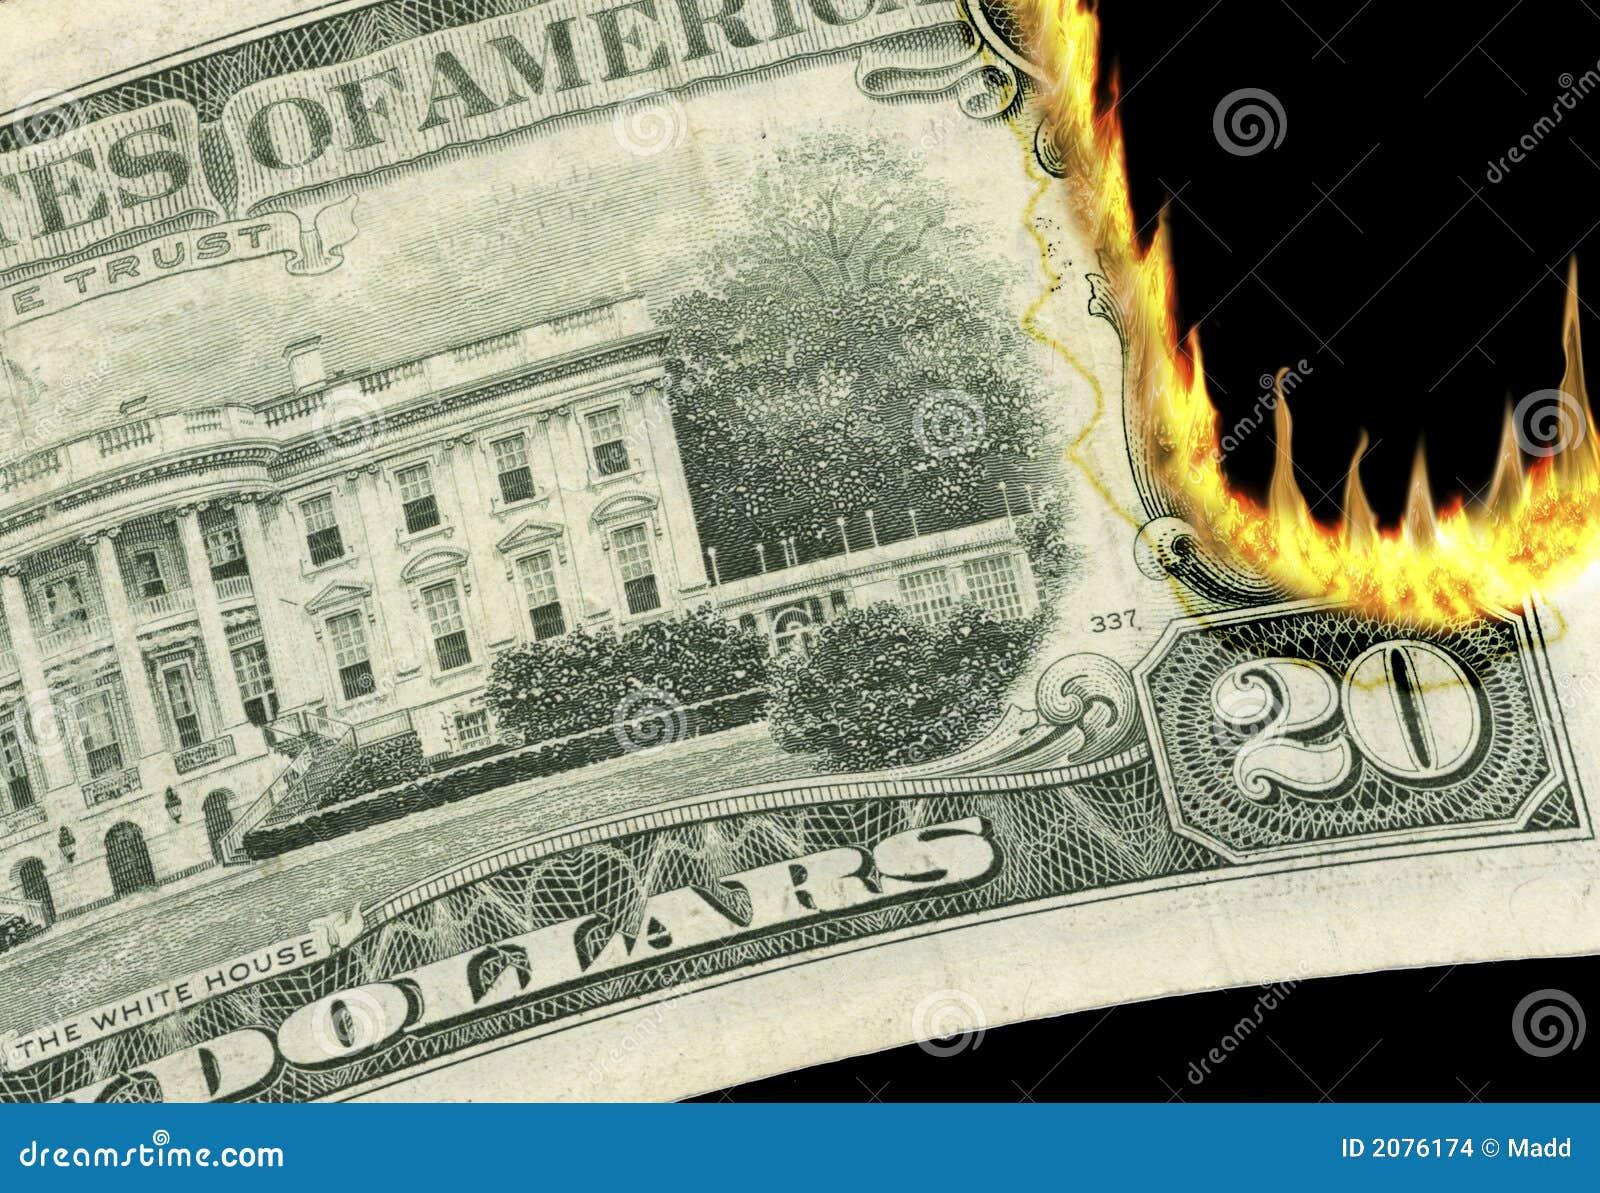 Burning Money!